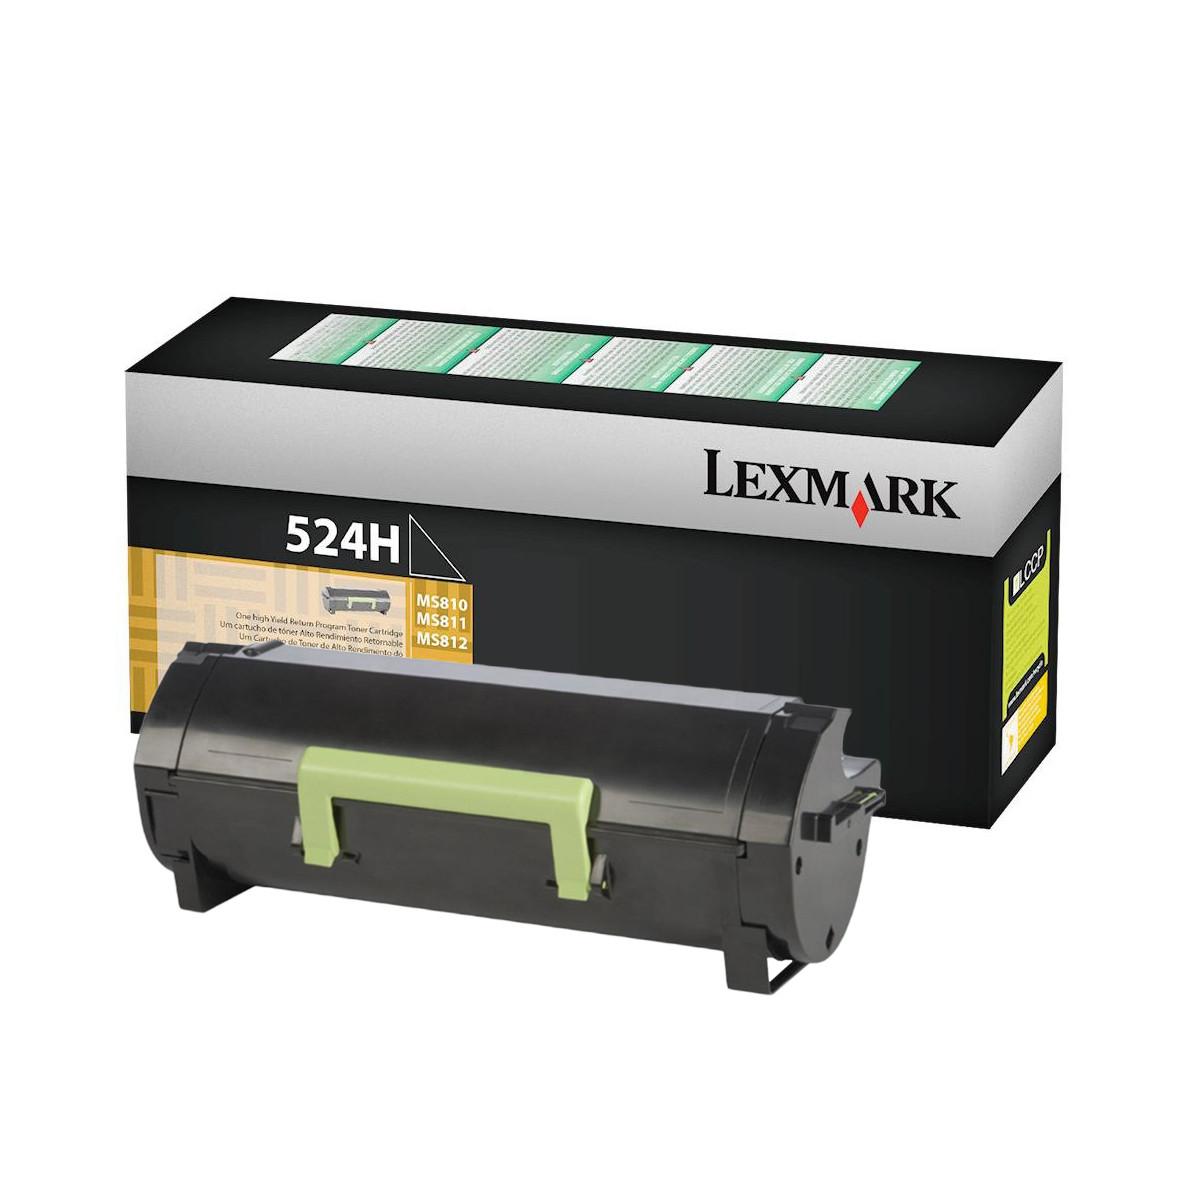 Toner Lexmark 52DBH00 524H | MS811dn MS812dn MS812de MS810dn MS810de | Original 25k